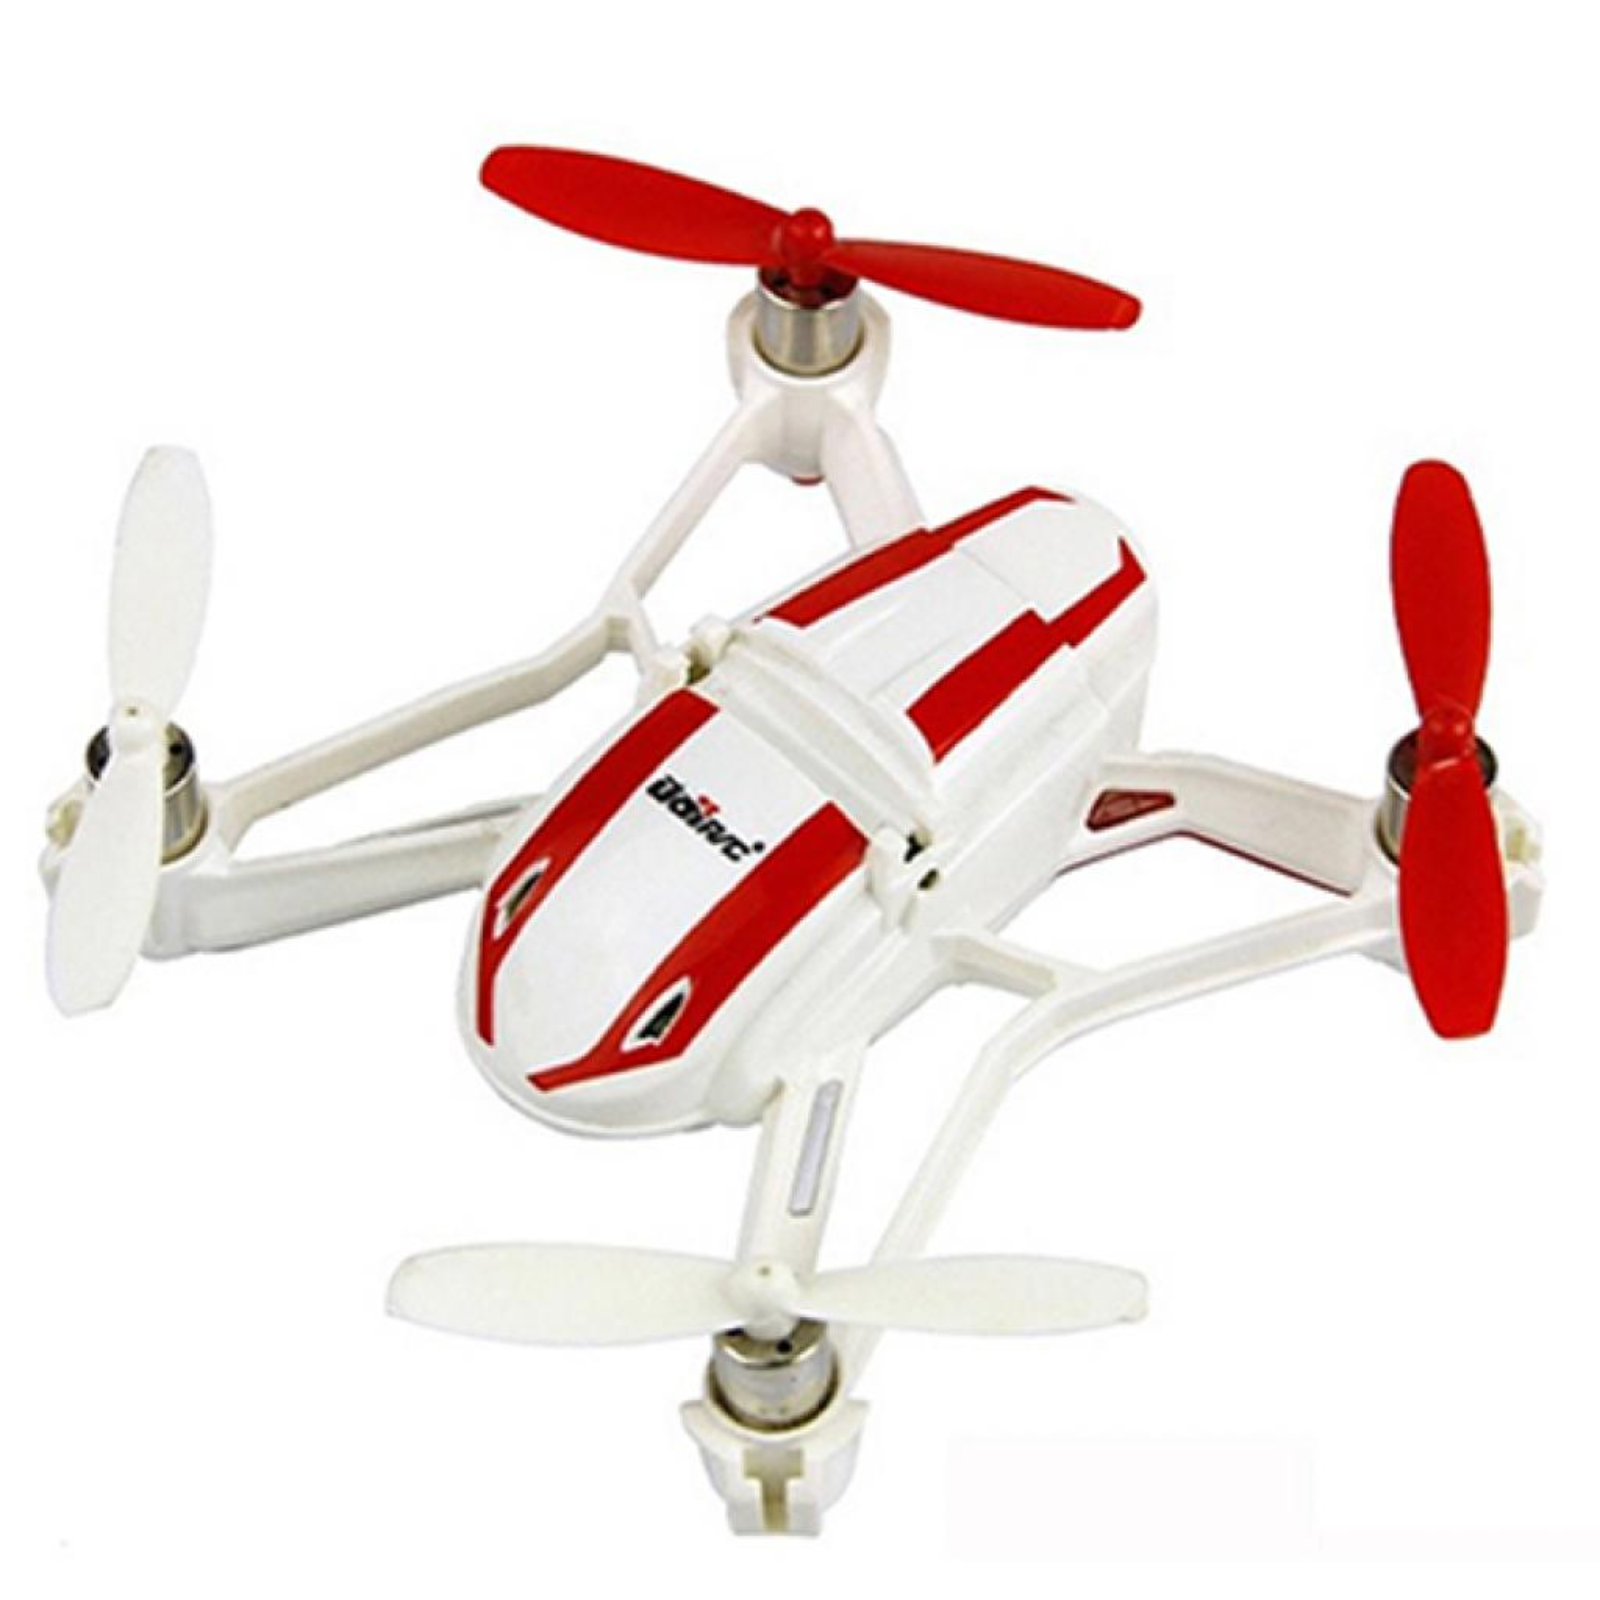 Квадрокоптер UDIRC U841 NANO RX4 3-в-1 125 мм HD камера (U841 Red)